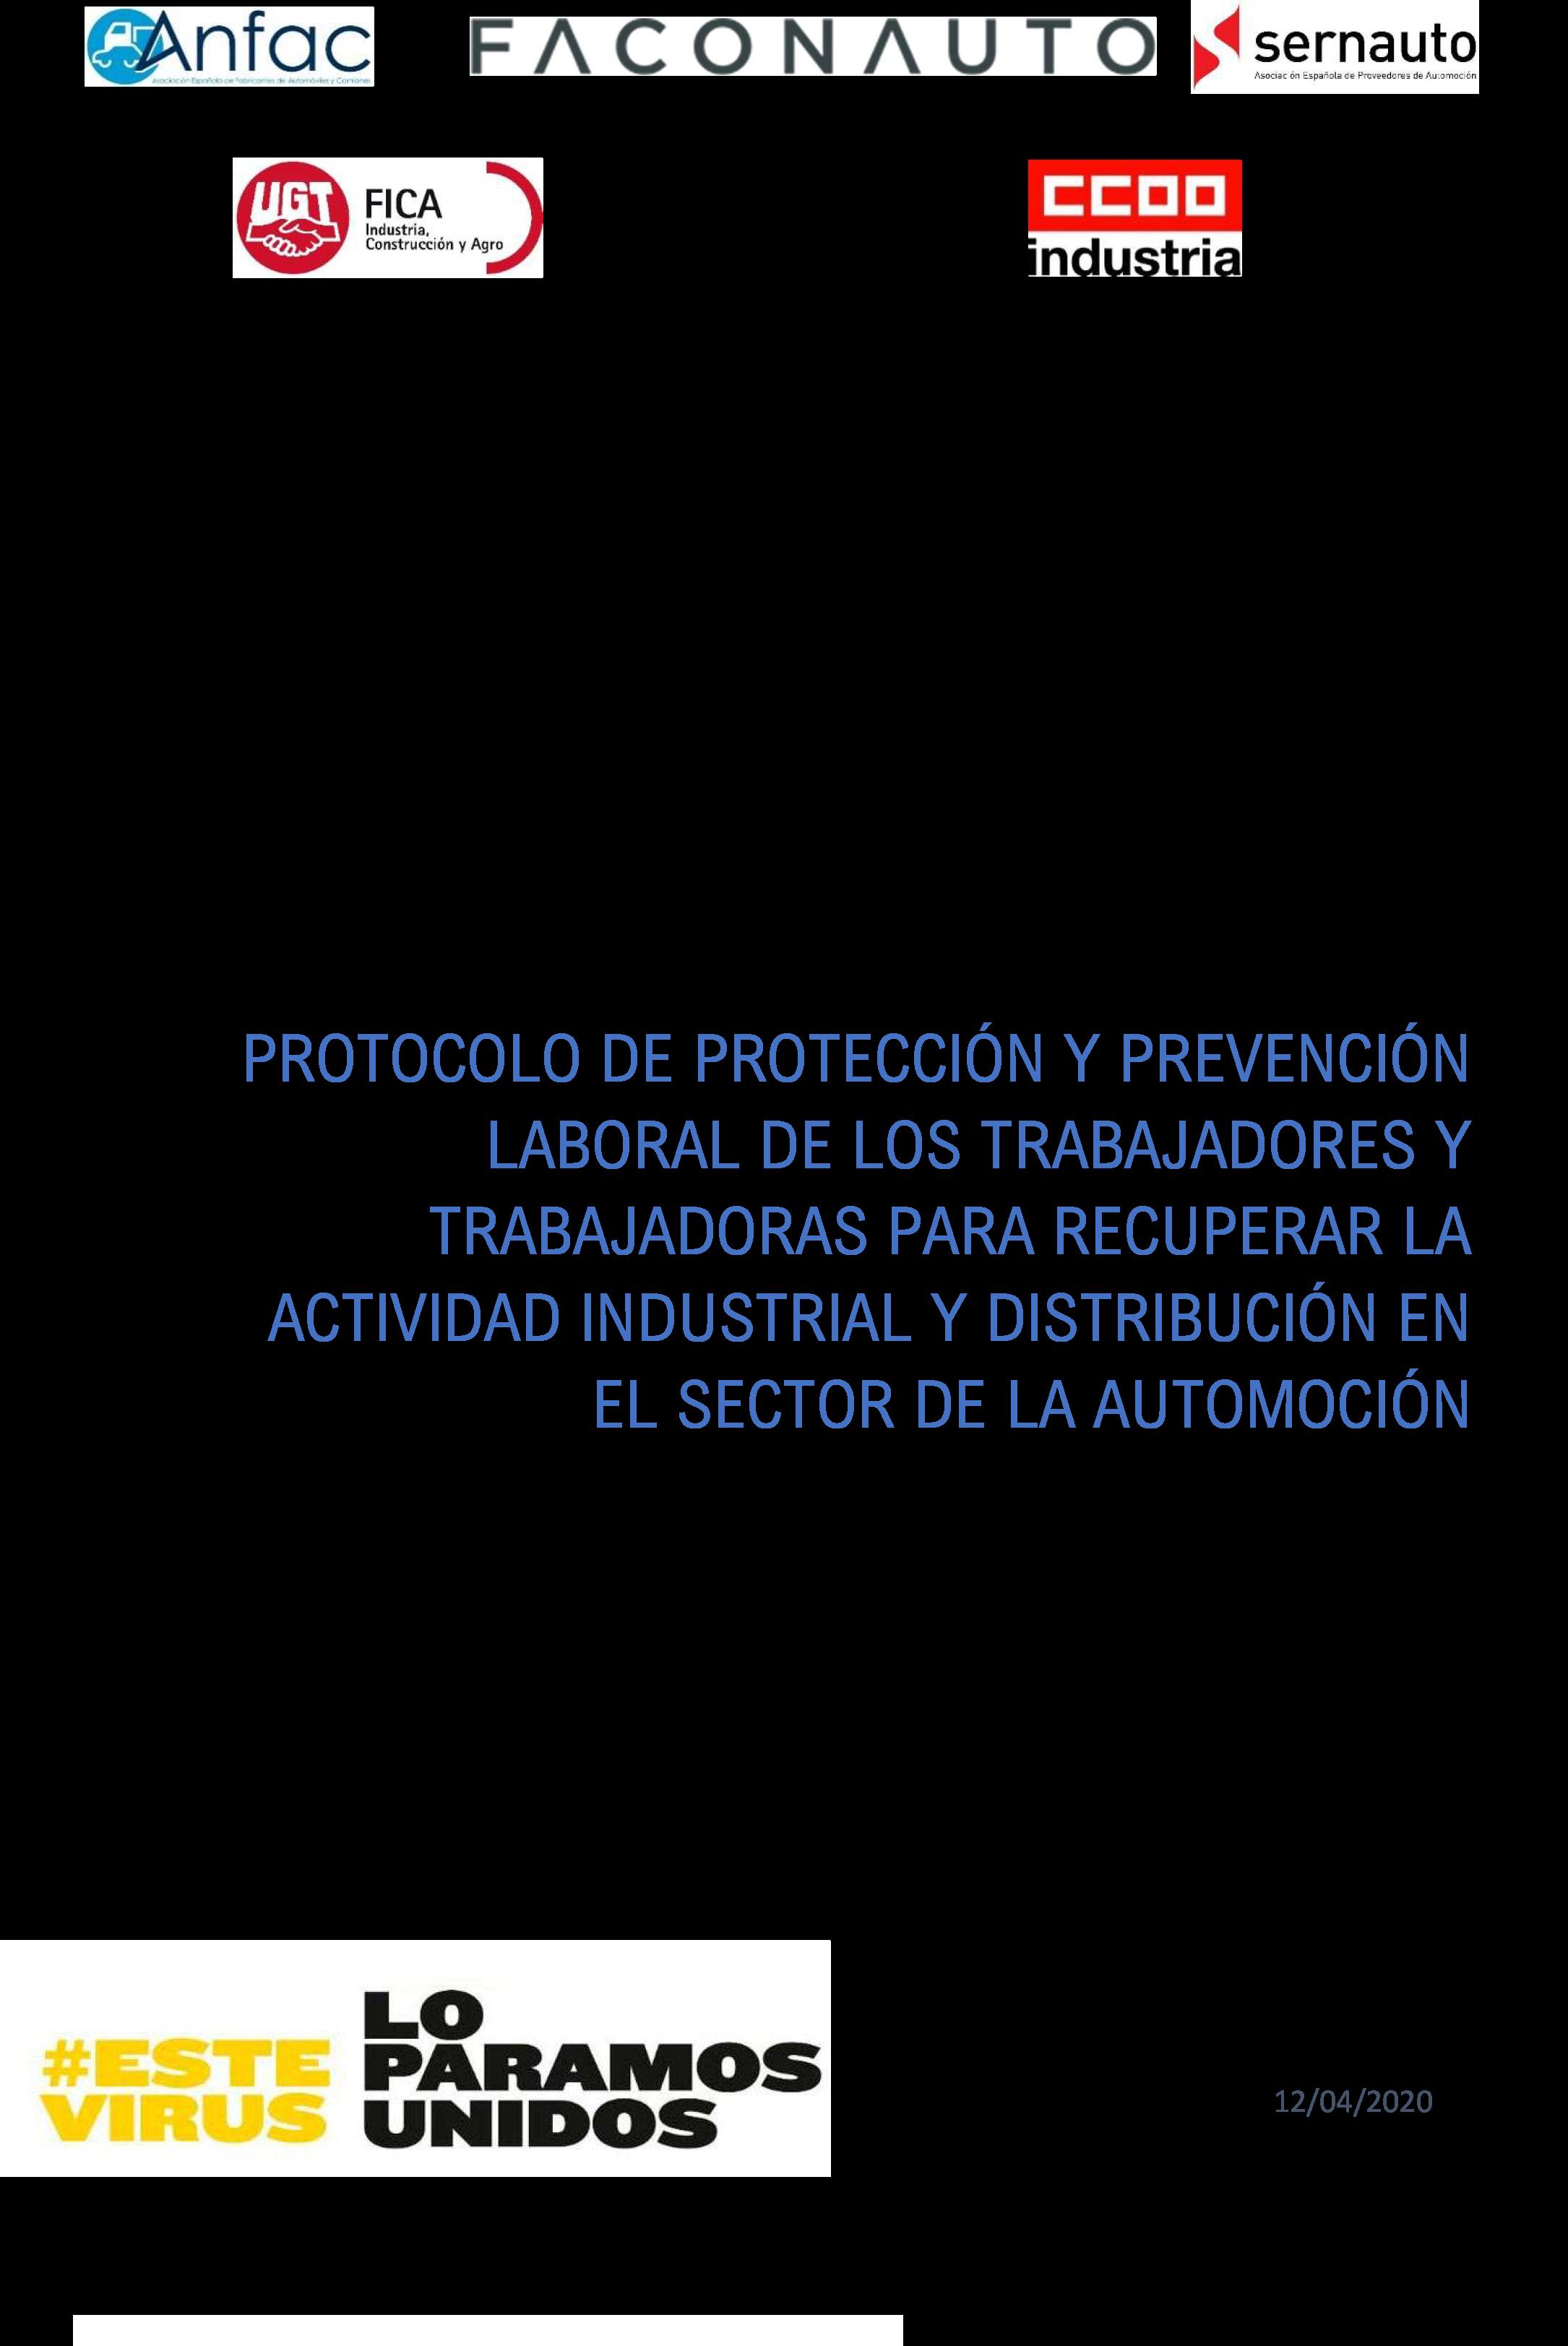 PROTOCOLO DE PROTECCIÓN Y PREVENCIÓN LABORAL DE LOS TRABAJADORES Y TRABAJADORAS PARA RECUPERAR LA ACTIVIDAD INDUSTRIAL Y DISTRIBUCIÓN EN EL SECTOR DE LA AUTOMOCIÓN